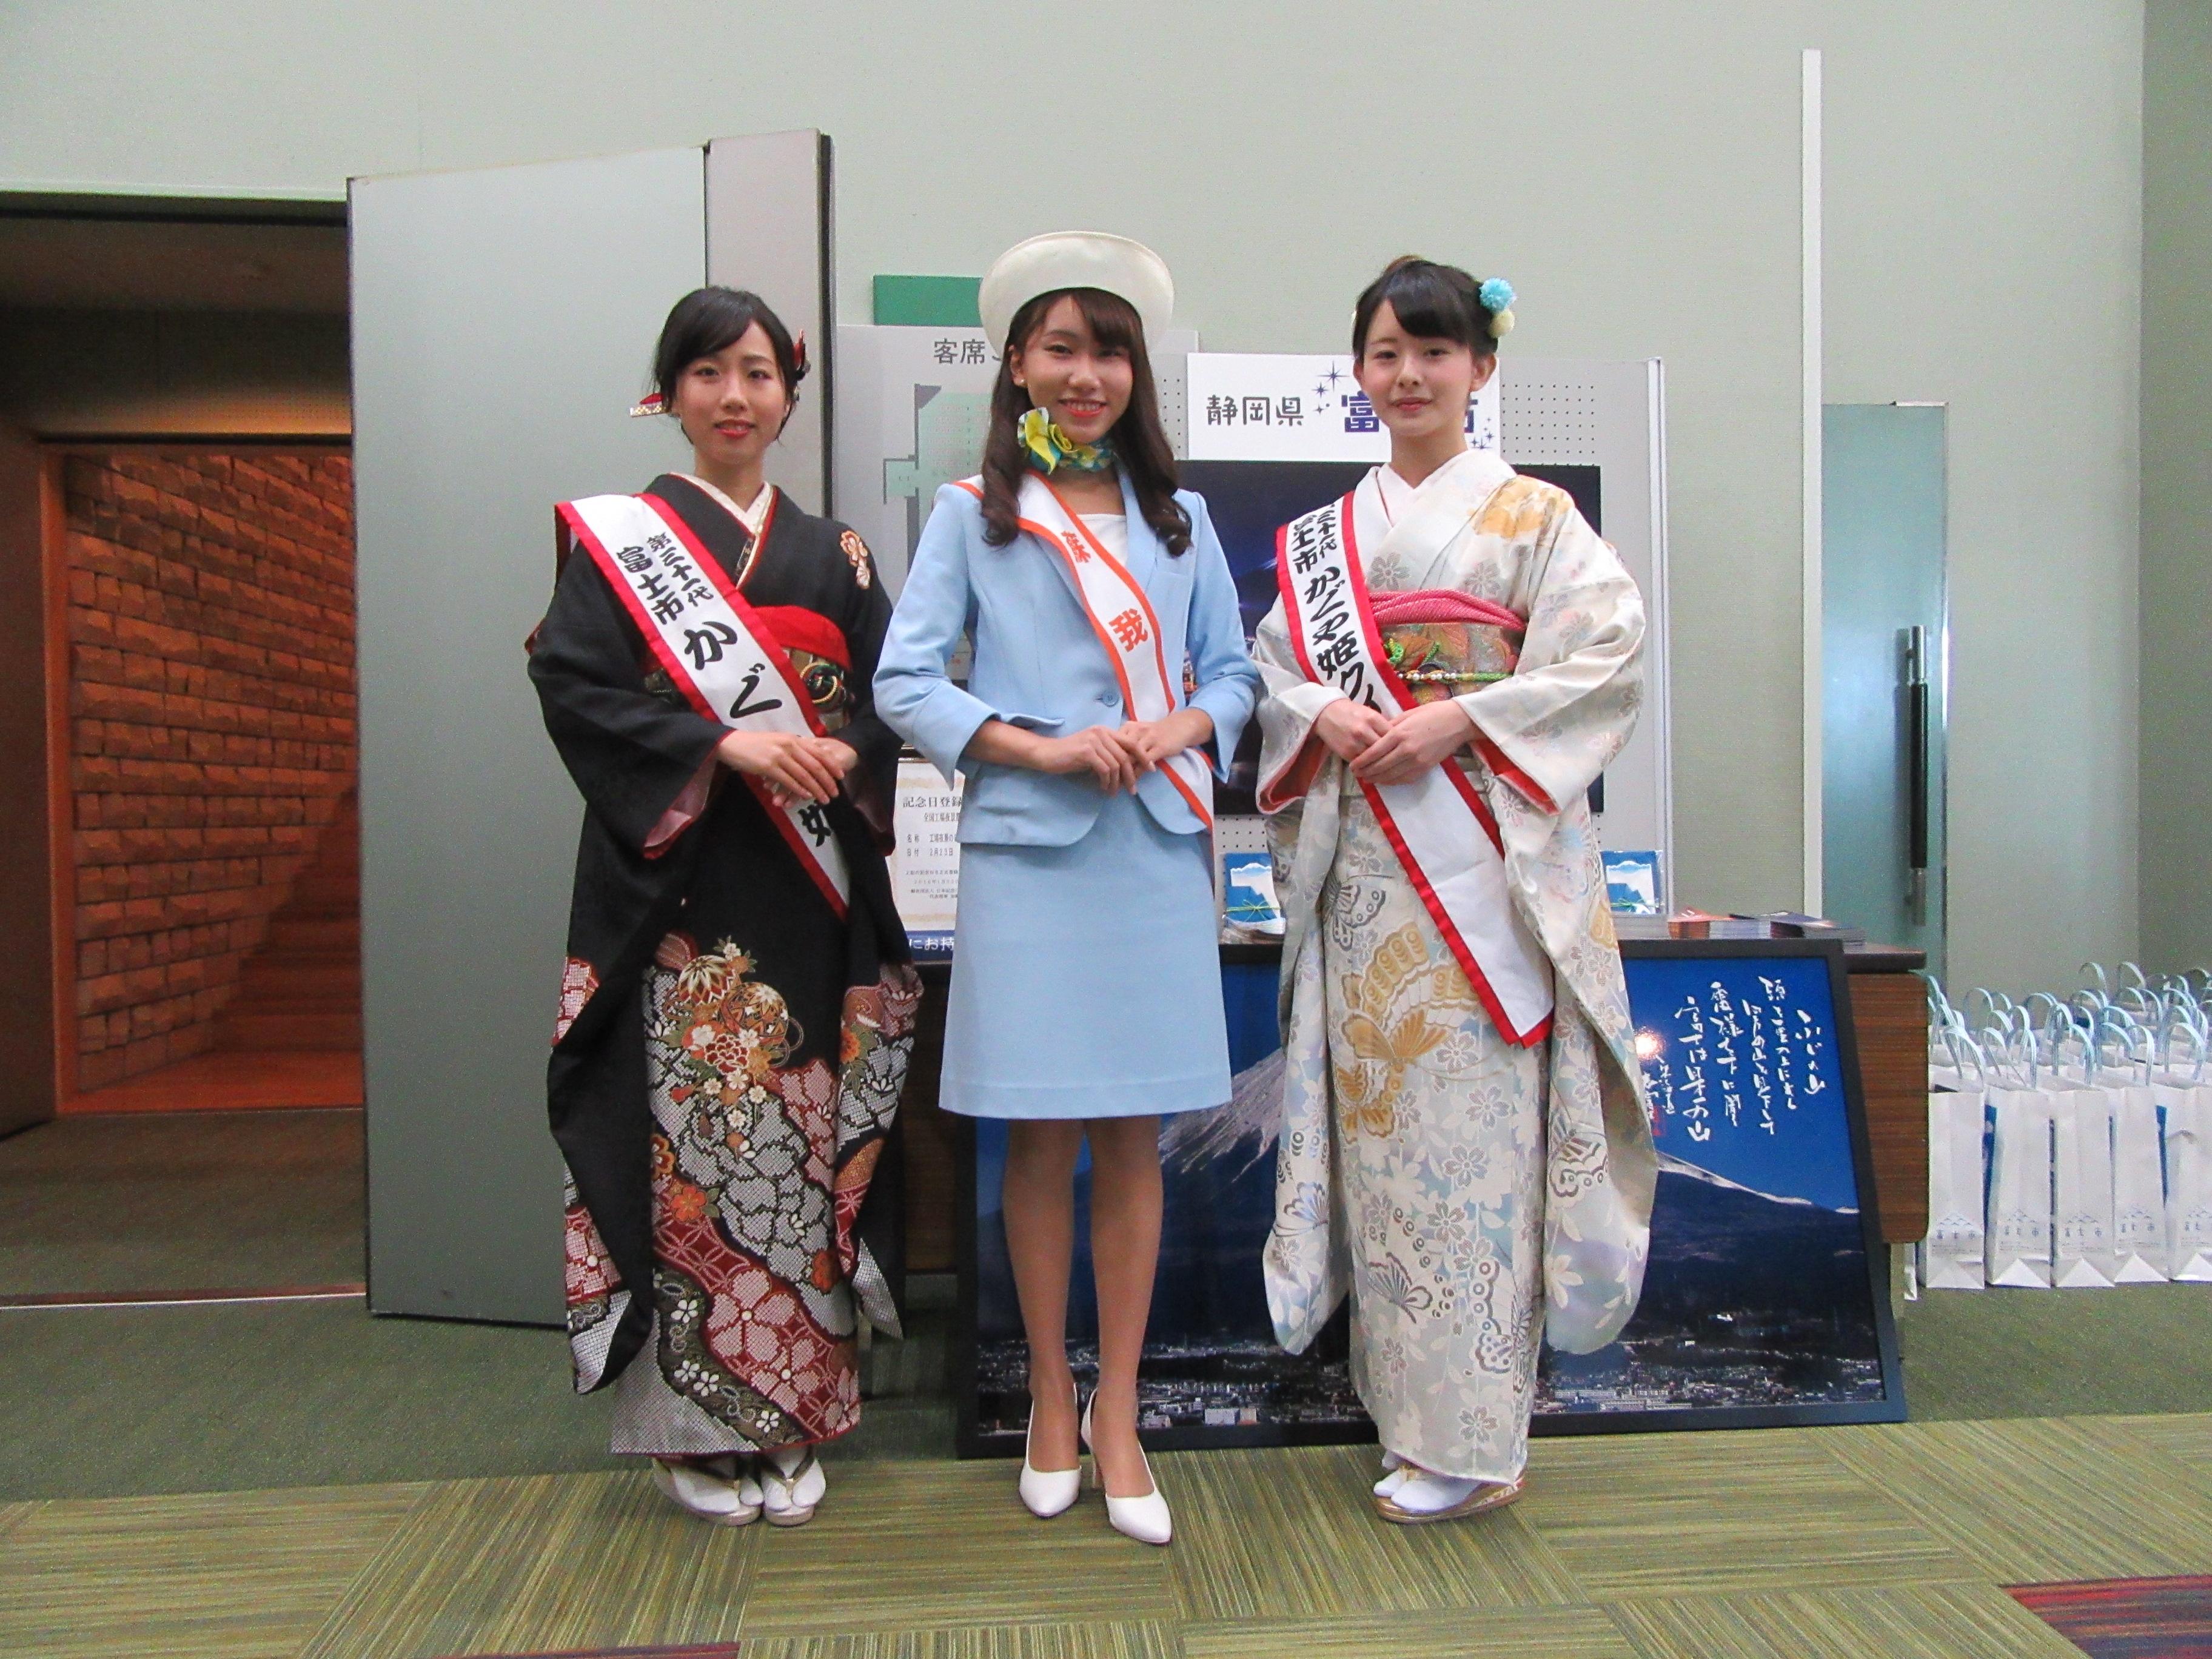 △第31代かぐや姫:村松未奈さん(左)とかぐや姫クイーン:清美晴さん(右)のお二人と撮って頂きました。